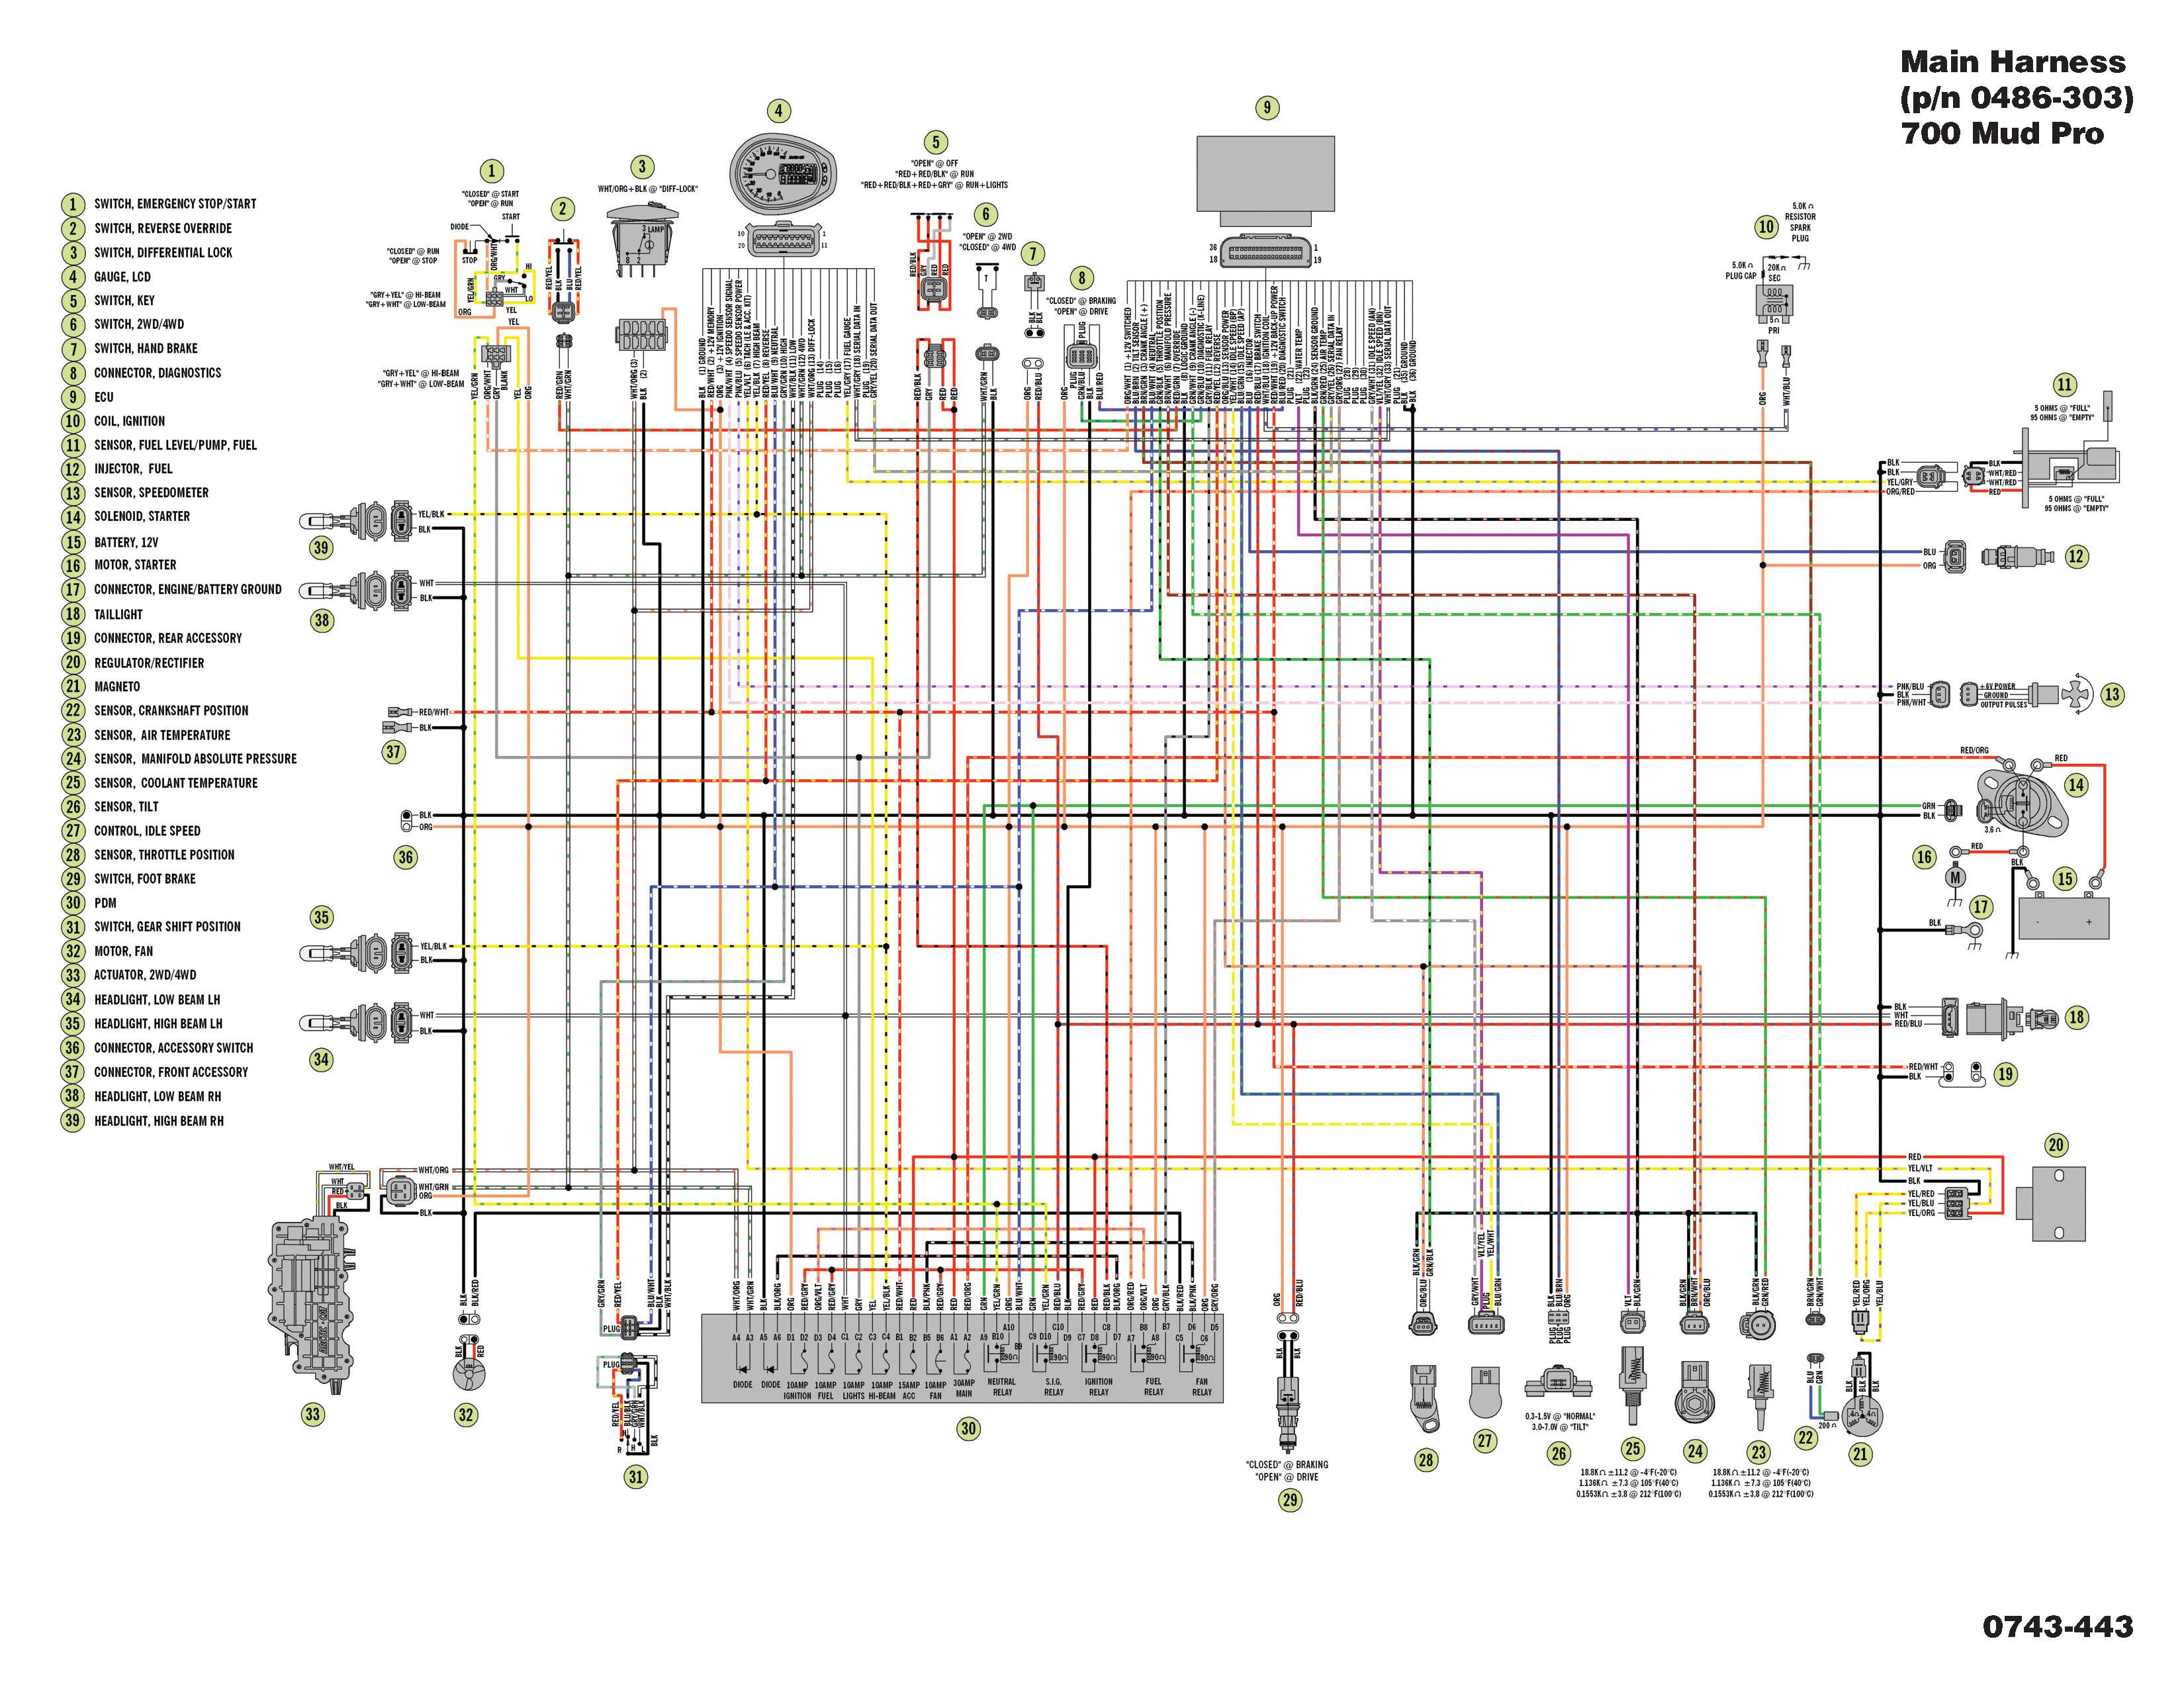 Wiring Diagram Likewise Honda 300ex Wiring Diagram As Well Honda Rebel